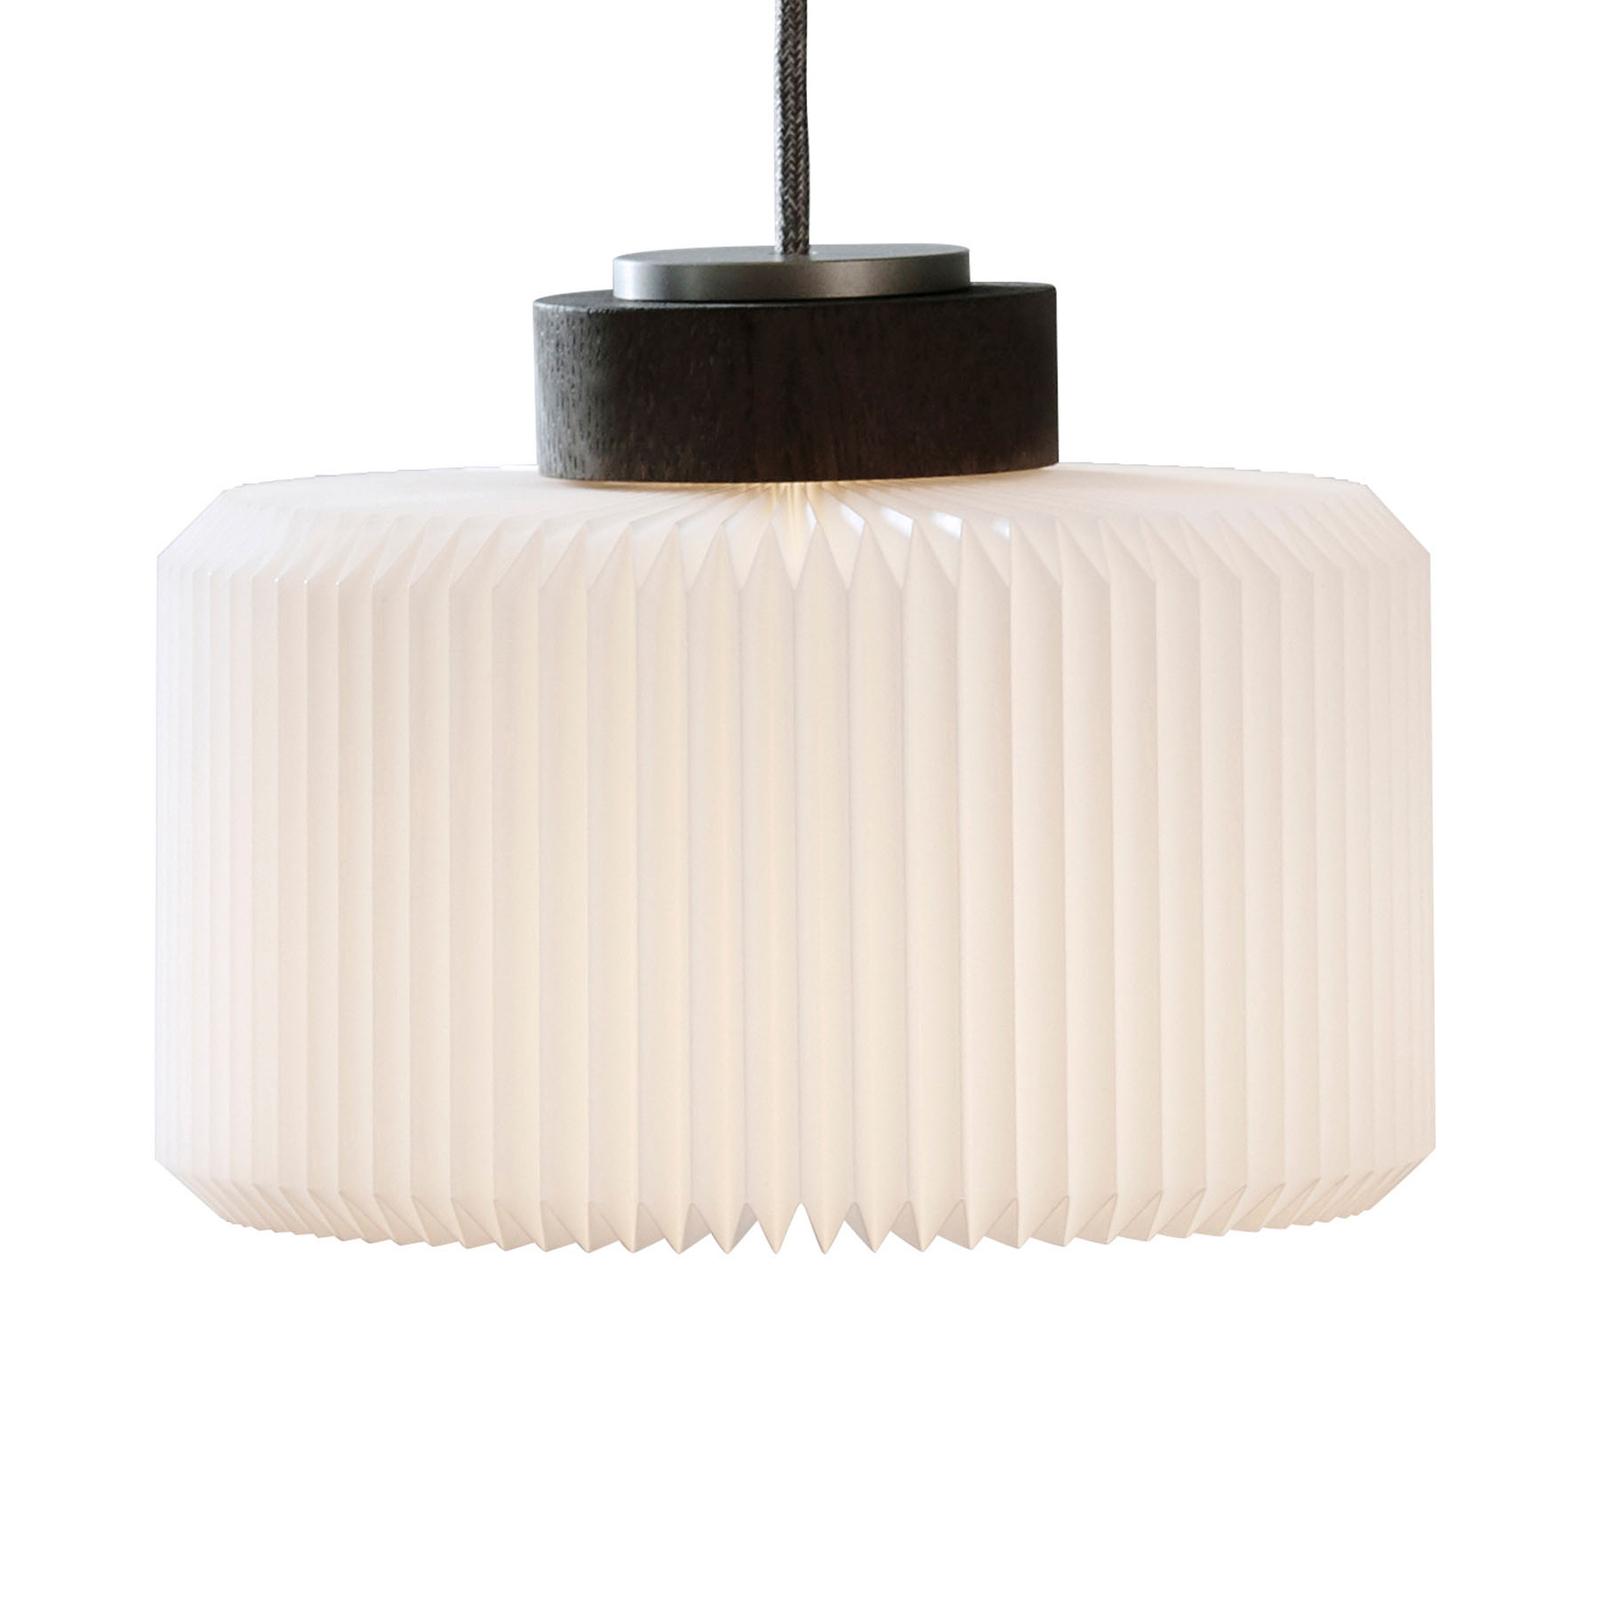 LE KLINT Cylinder hængelampe, Ø 29 cm